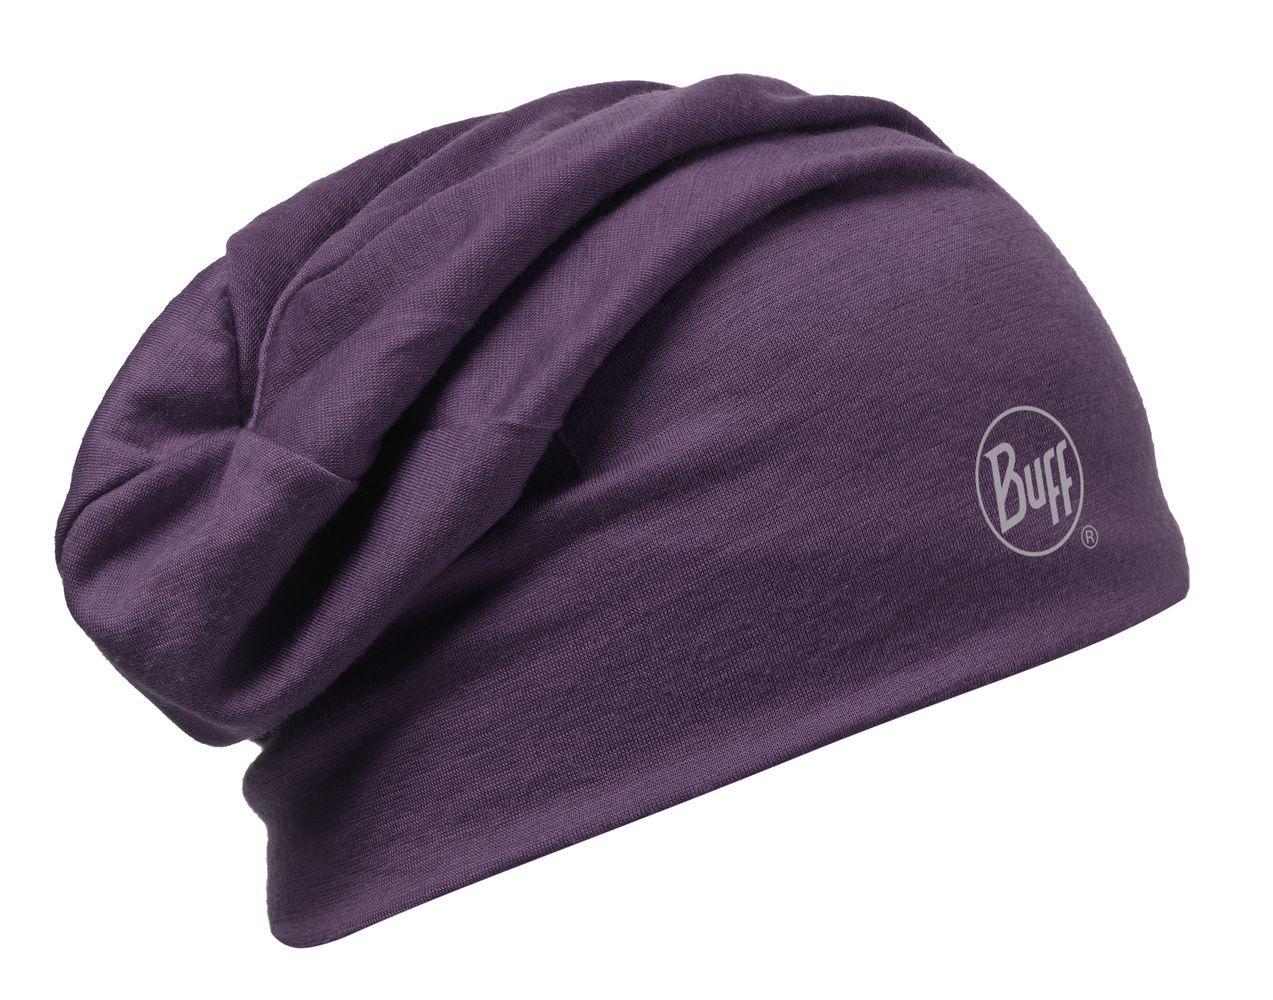 Шапка BUFF WOOL SOLID PLUM Банданы и шарфы Buff ® 1169259  - купить со скидкой